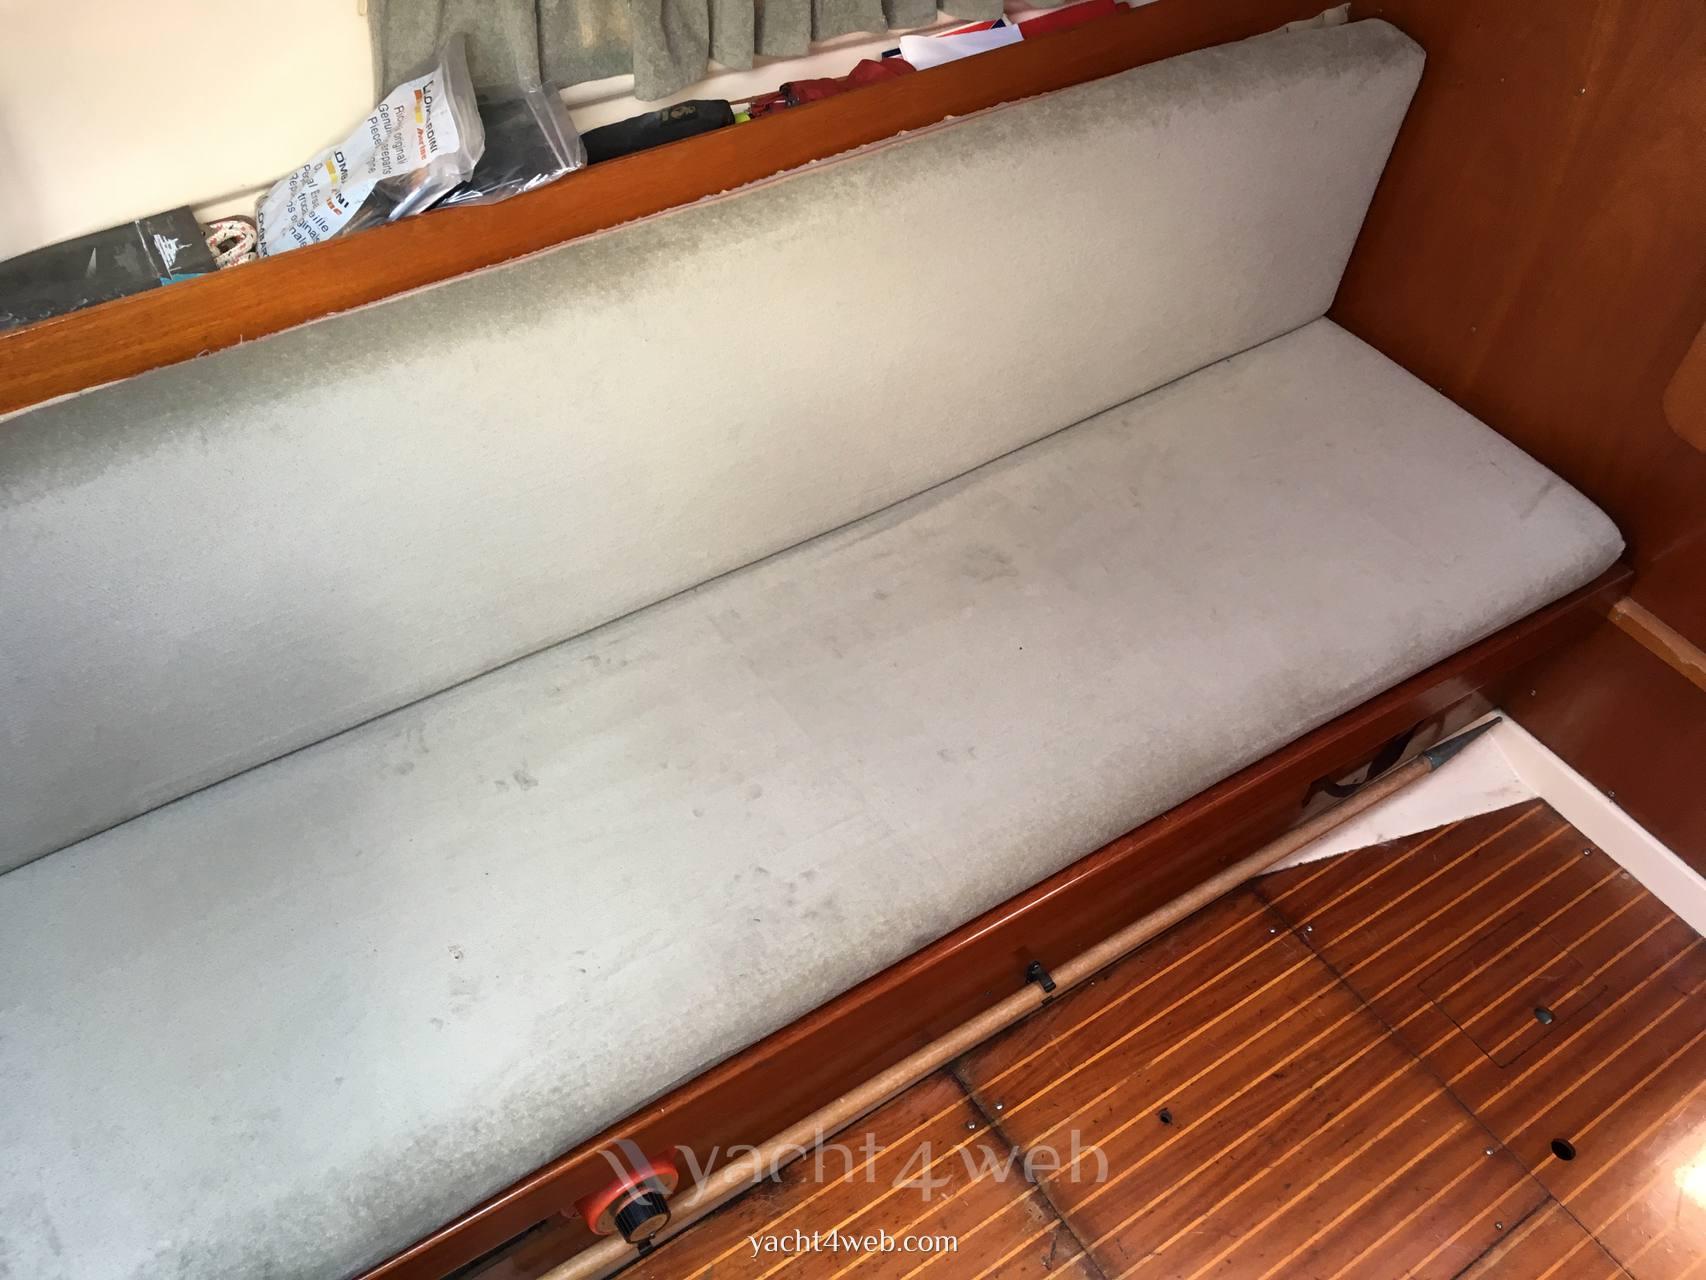 DUFOUR 27 barco de vela